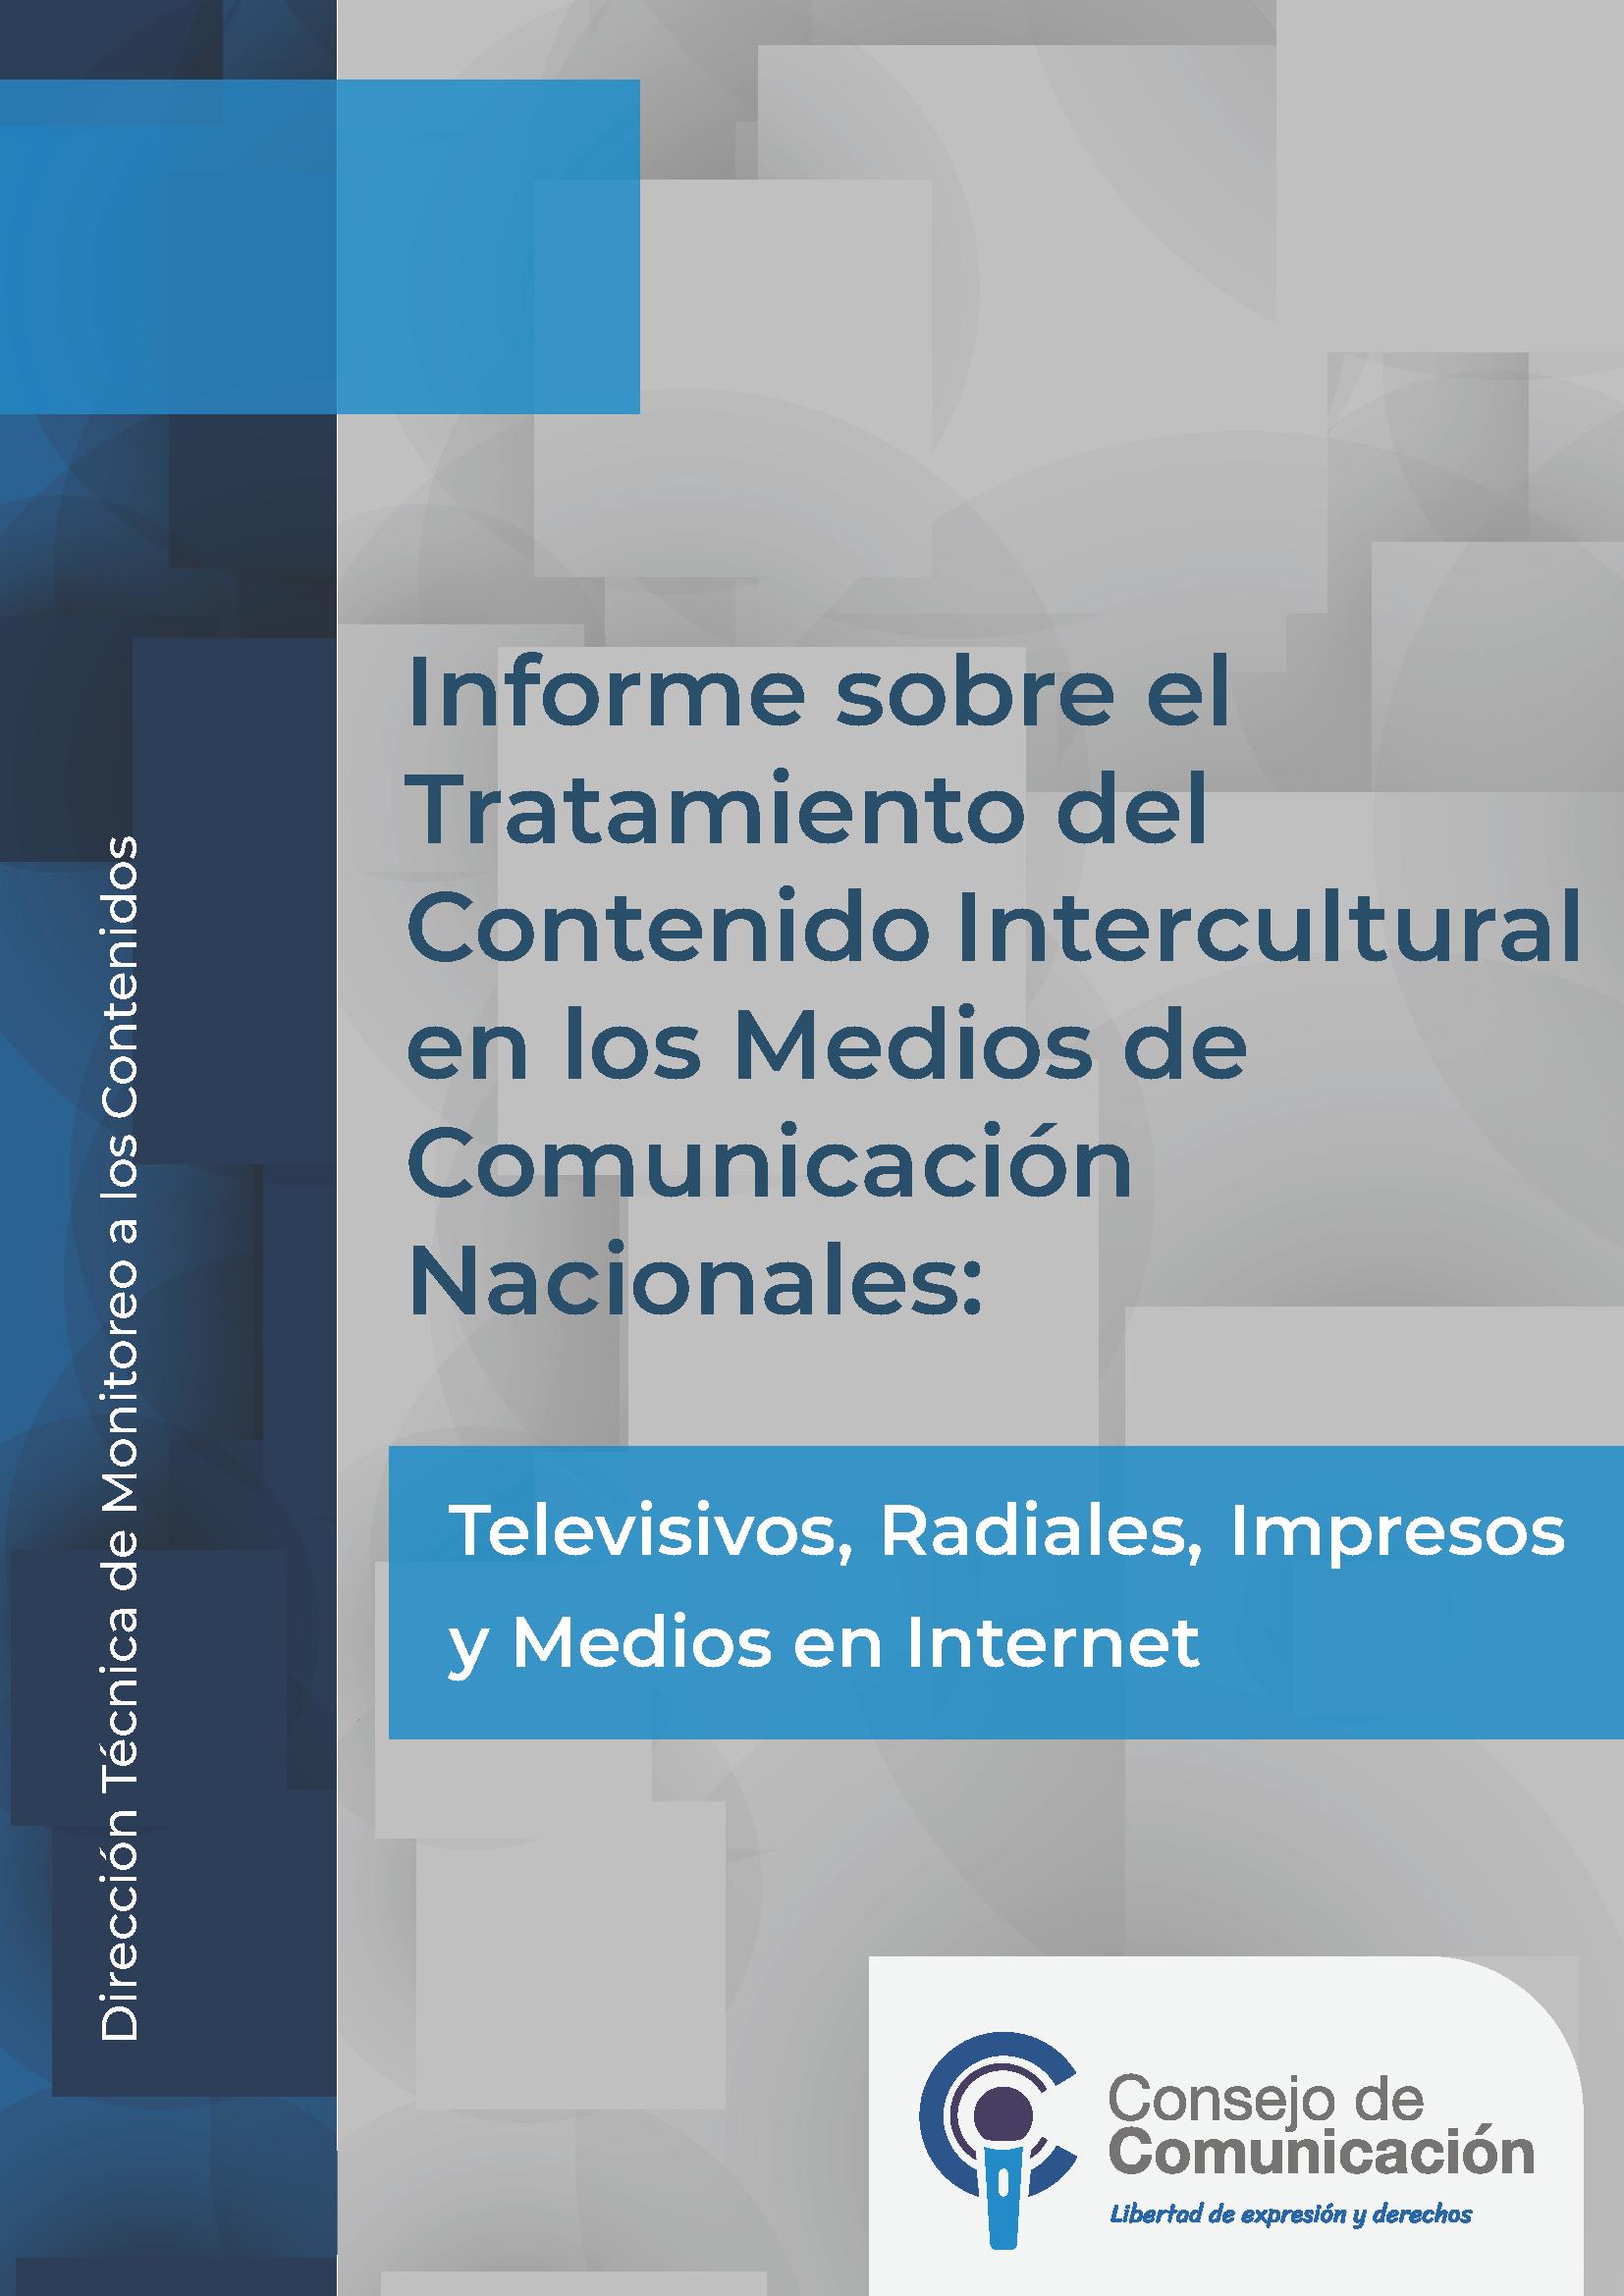 Informe sobre el tratamiento del contenido intercultural en los medios de comunicación nacionales